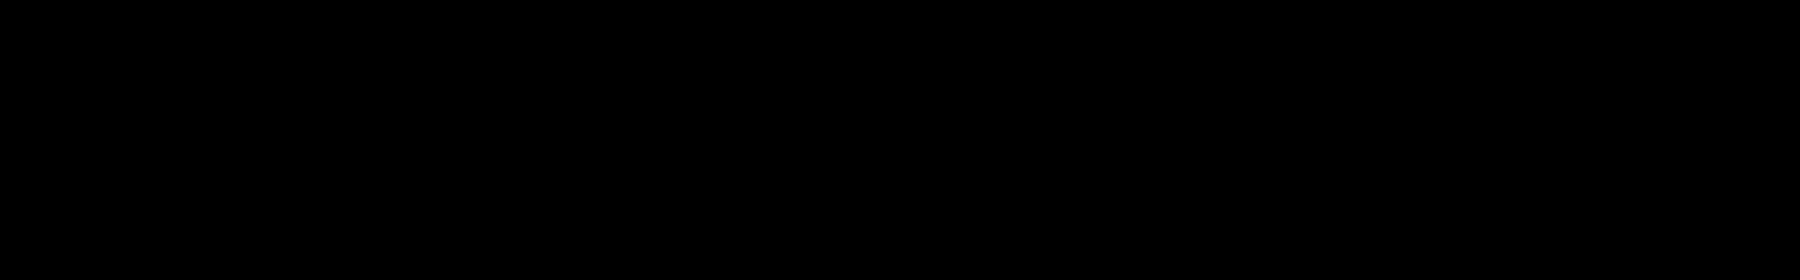 White Trap audio waveform